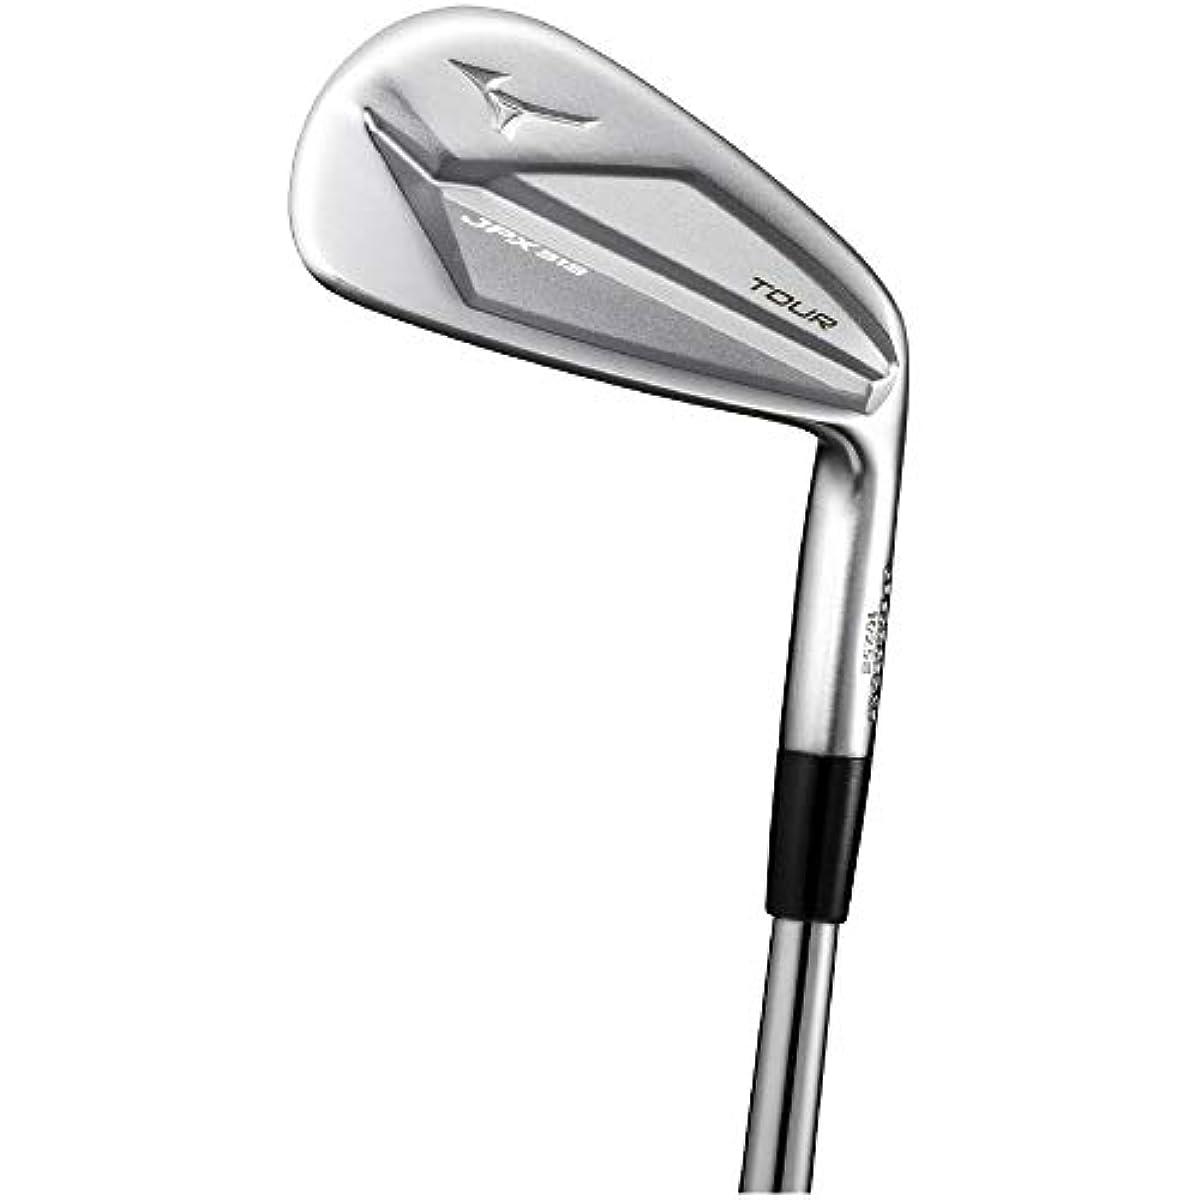 [해외] MIZUNO(미즈노) 골프 클럽 아이언6개조 JPX 919 투어 맨즈 오른손잡이용 MODUS3투어120 스틸 샤프트 번째/5-9I.PW 경도/S 5KJUS35106